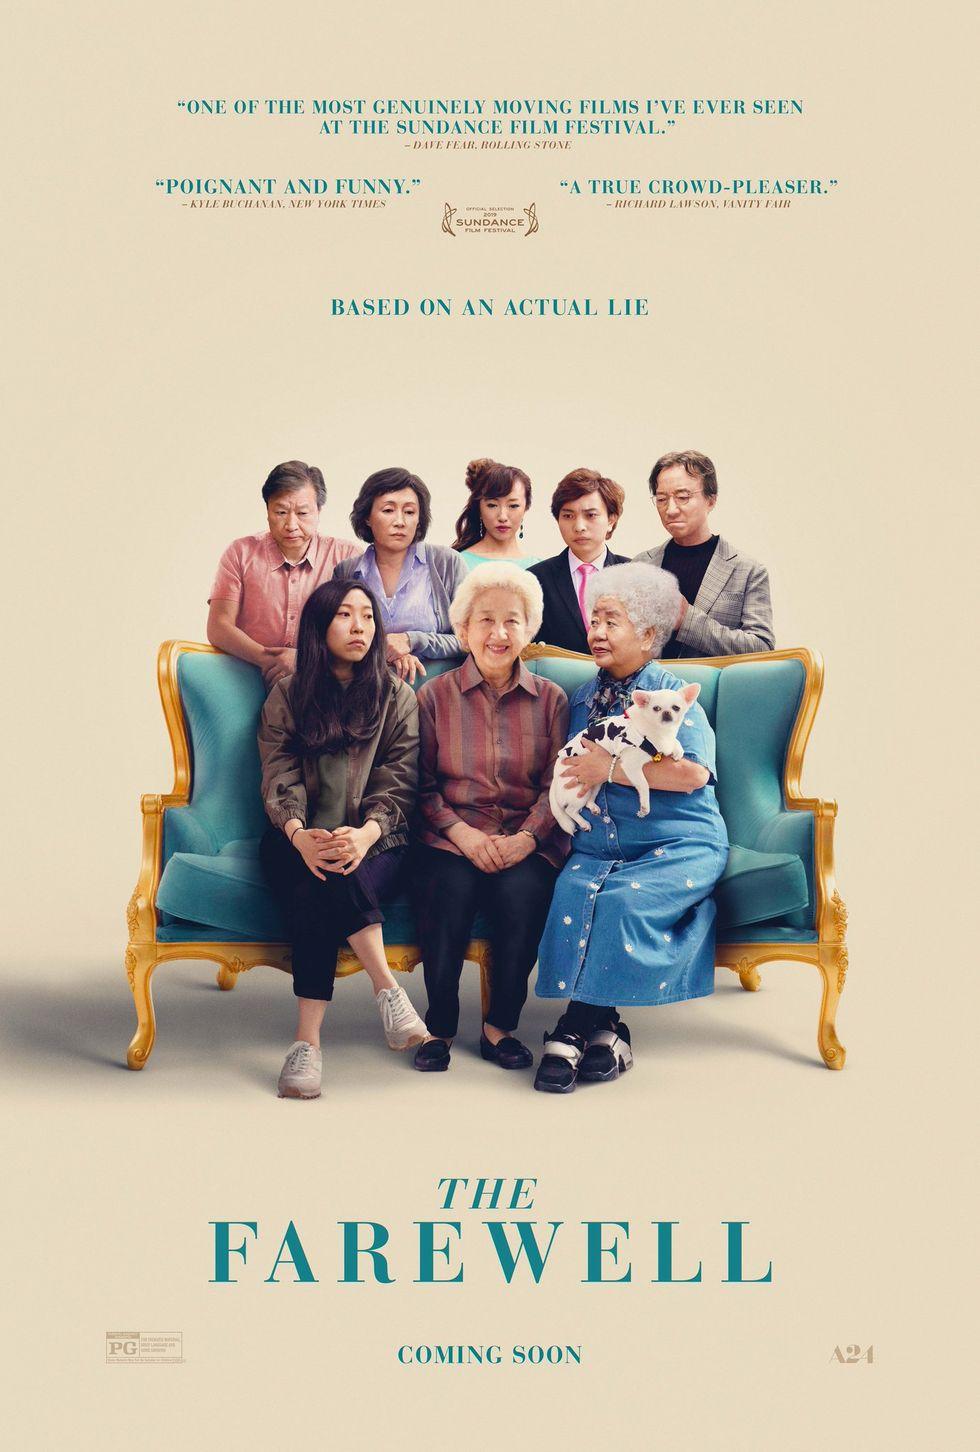 """""""Сбогуването""""  (2019) В """"Сбогуването"""" китайската писателка и режисьор Лулу Уанг описва своята история: когато разбира, че баба й е тежко болна и й остават няколко седмици живот, тя и цялото й семейство се събират, за да бъдат с нея в последните й дни на земята. Проблемът е, че бабата не знае, че е болна. Драма, но с много комедийни елементи, филмът е едновременно освежаващ и наистина дълбок."""